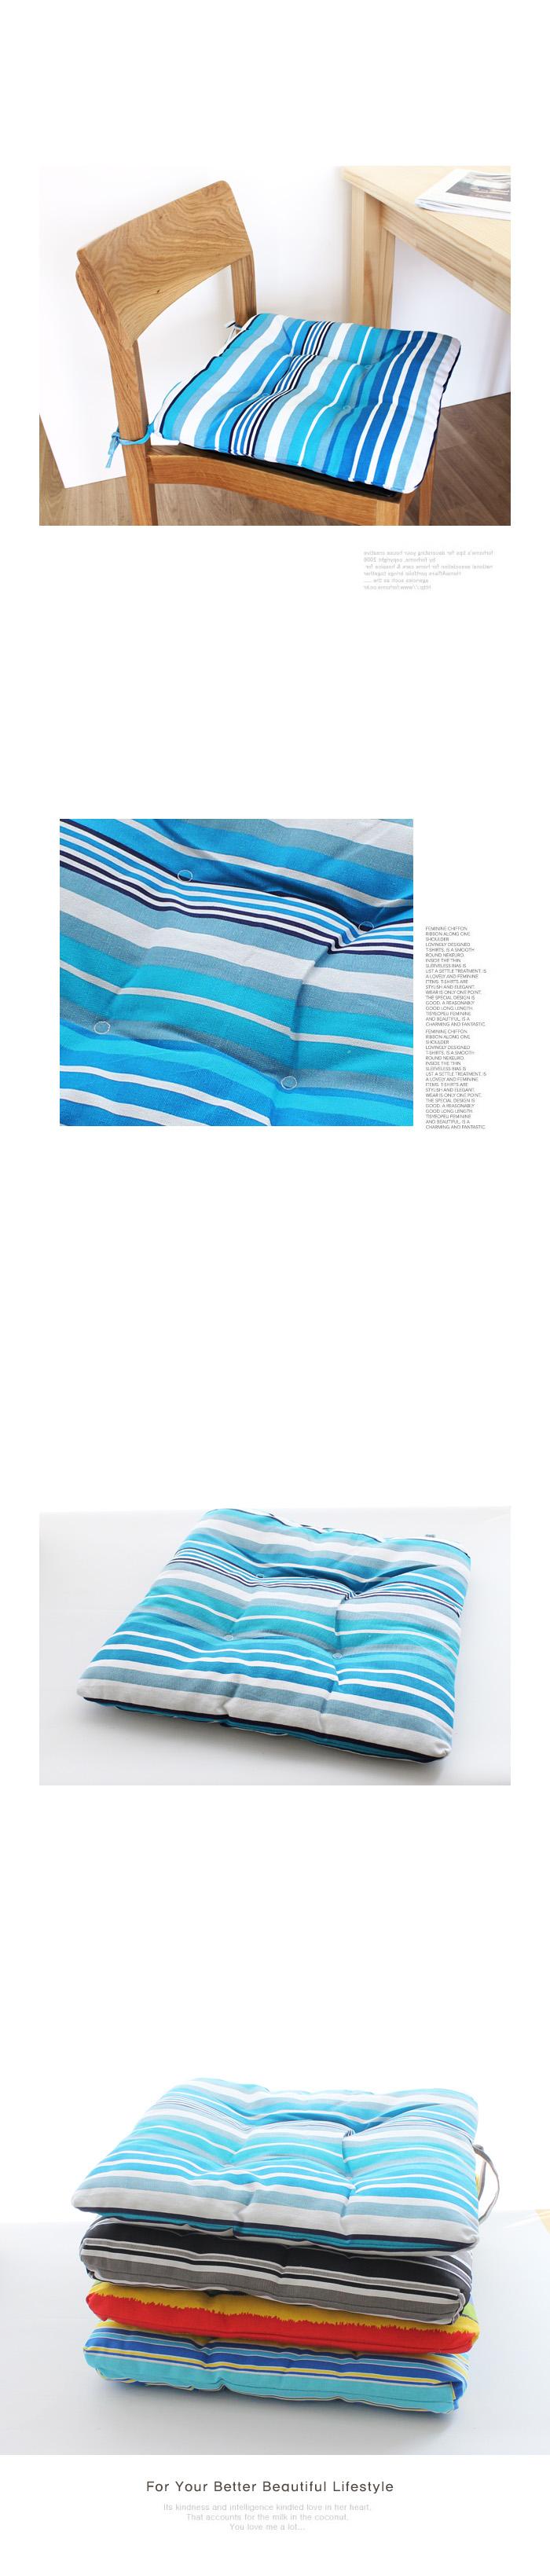 블루스프라이트 방석-BO14 - 리버그린, 12,800원, 방석, 패턴